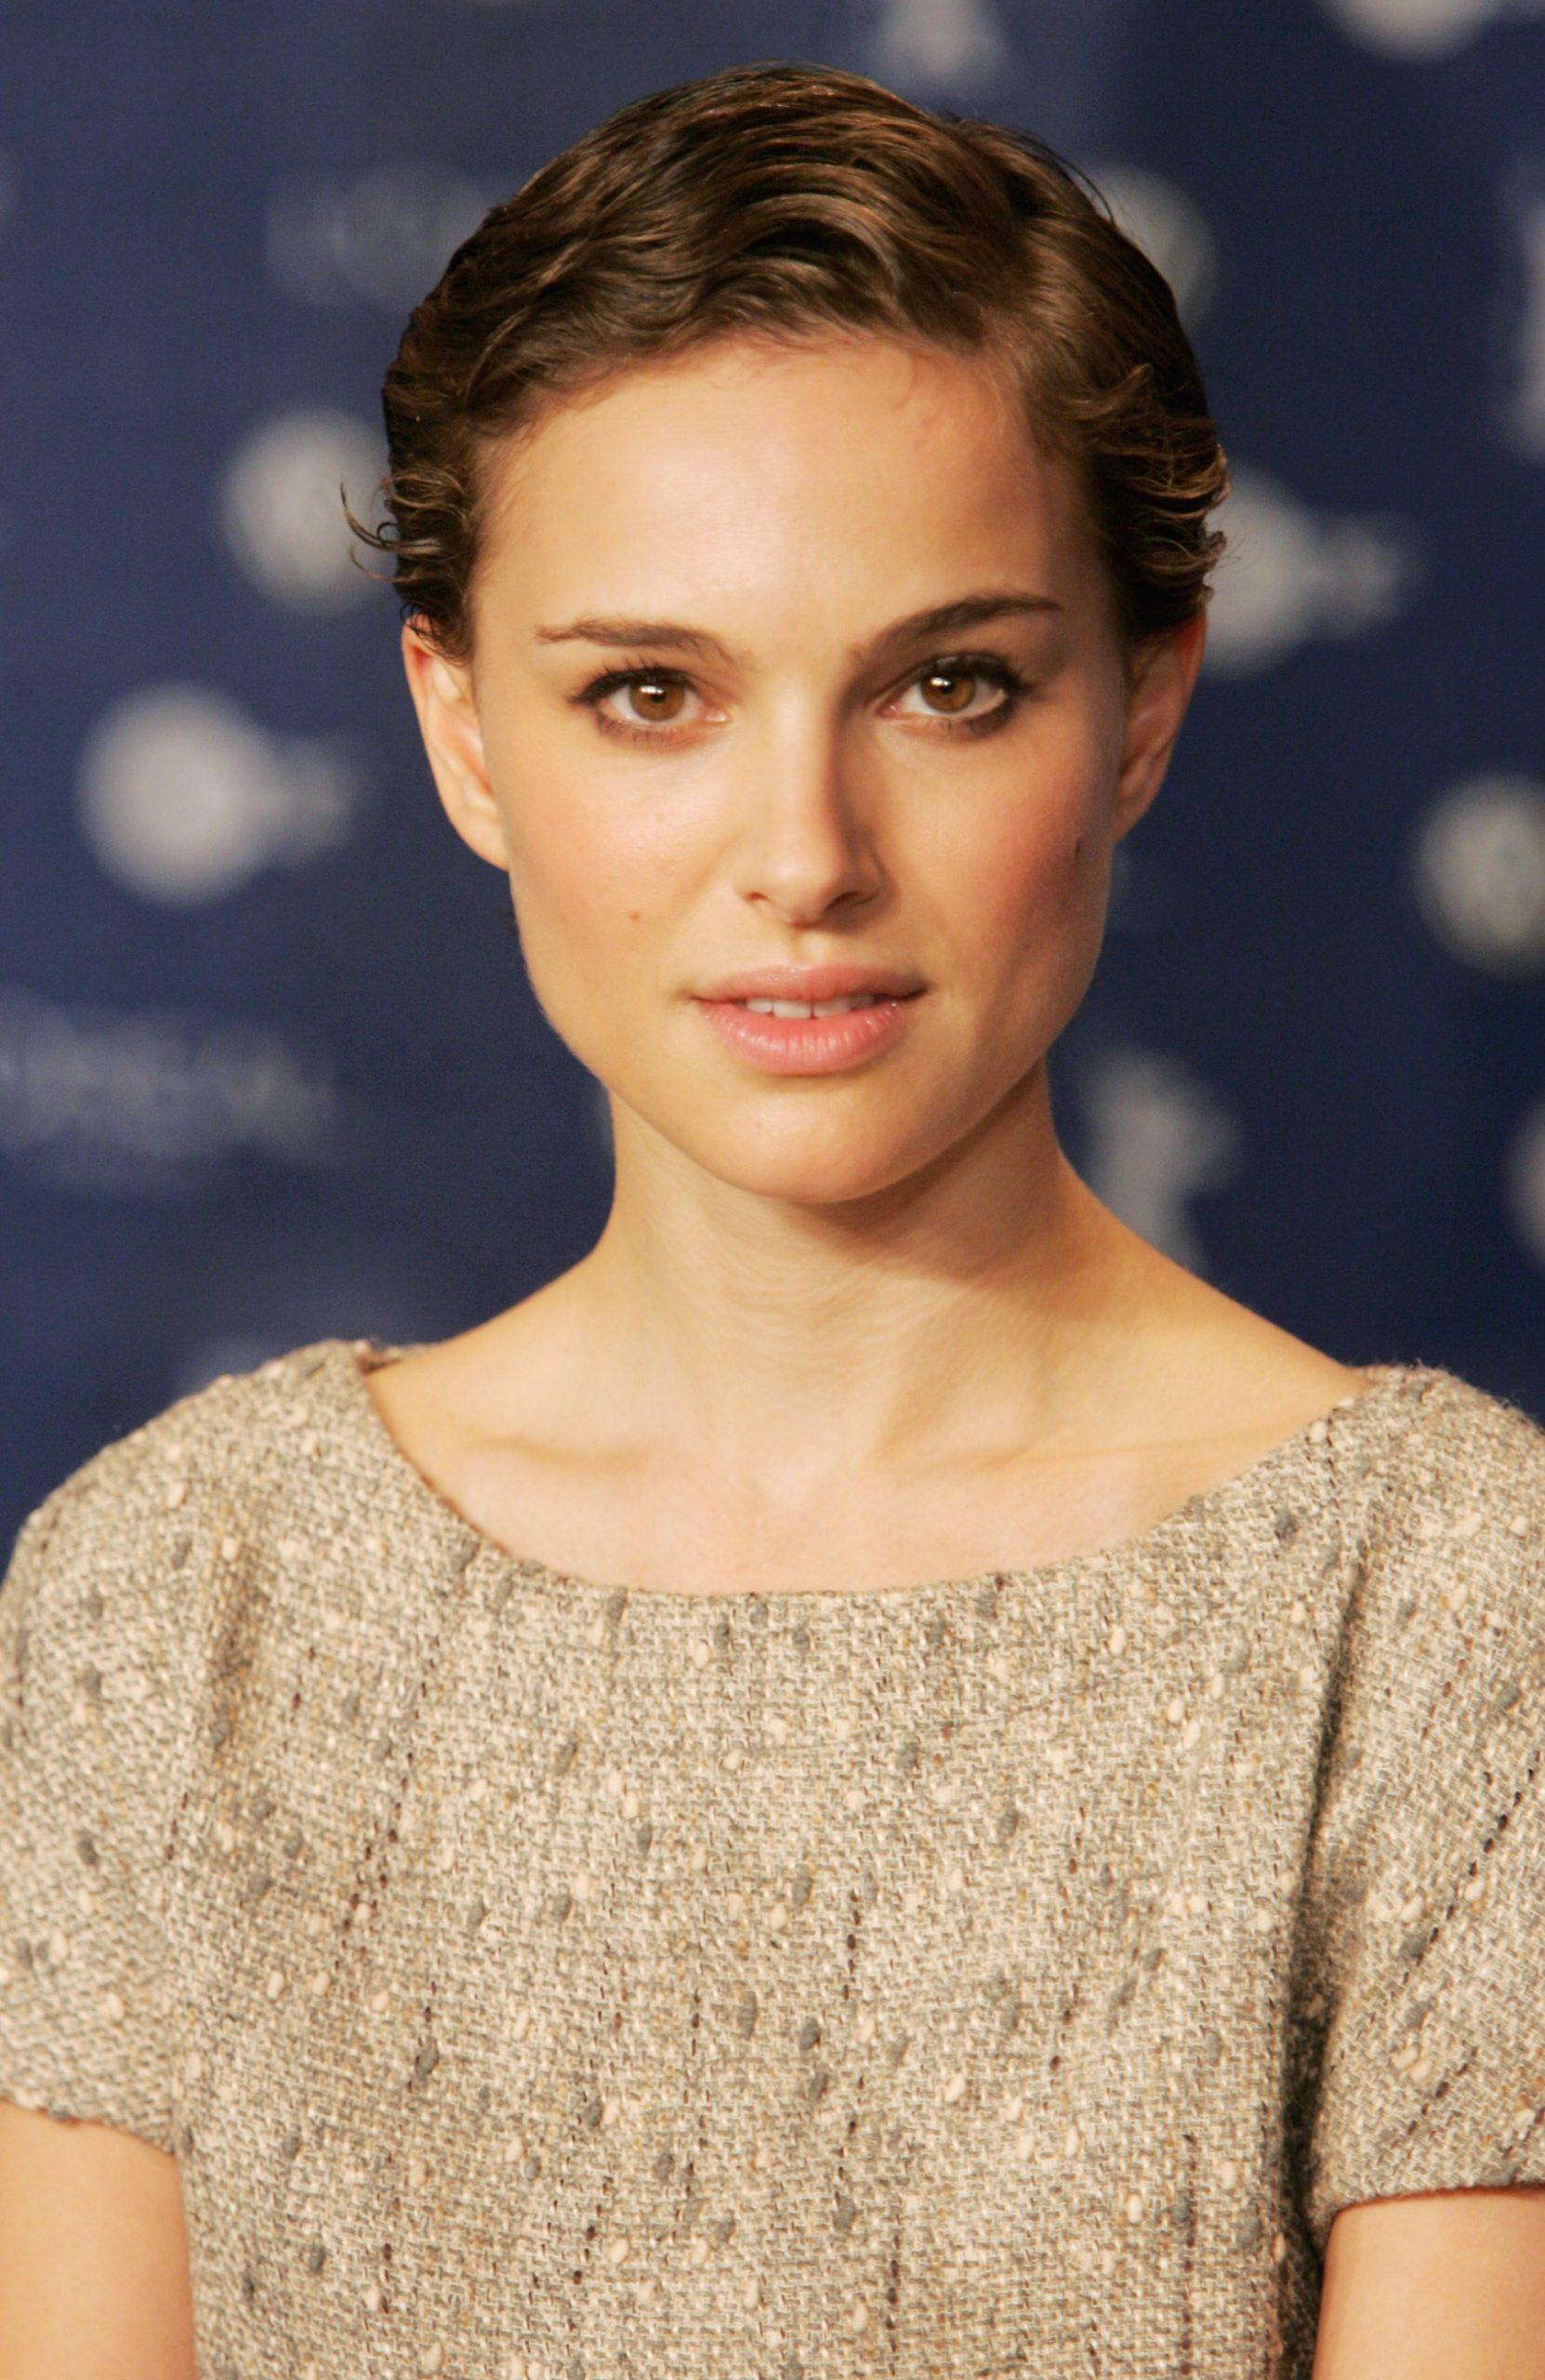 After: Natalie Portman